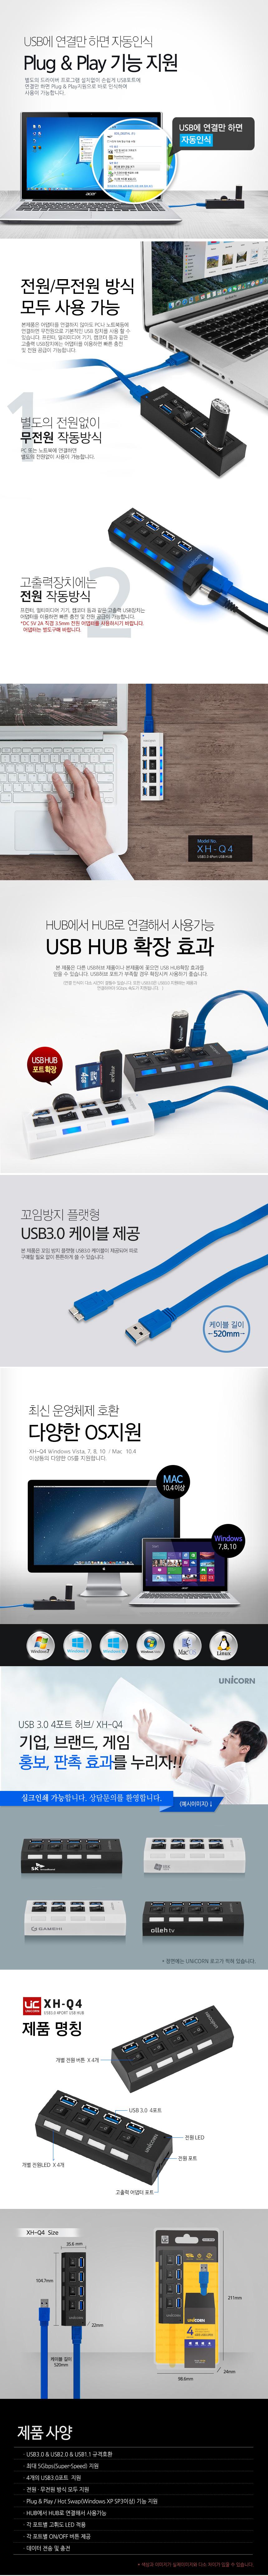 서진네트웍스 UNICORN 4포트 USB 3.0 허브 (XH-Q4)